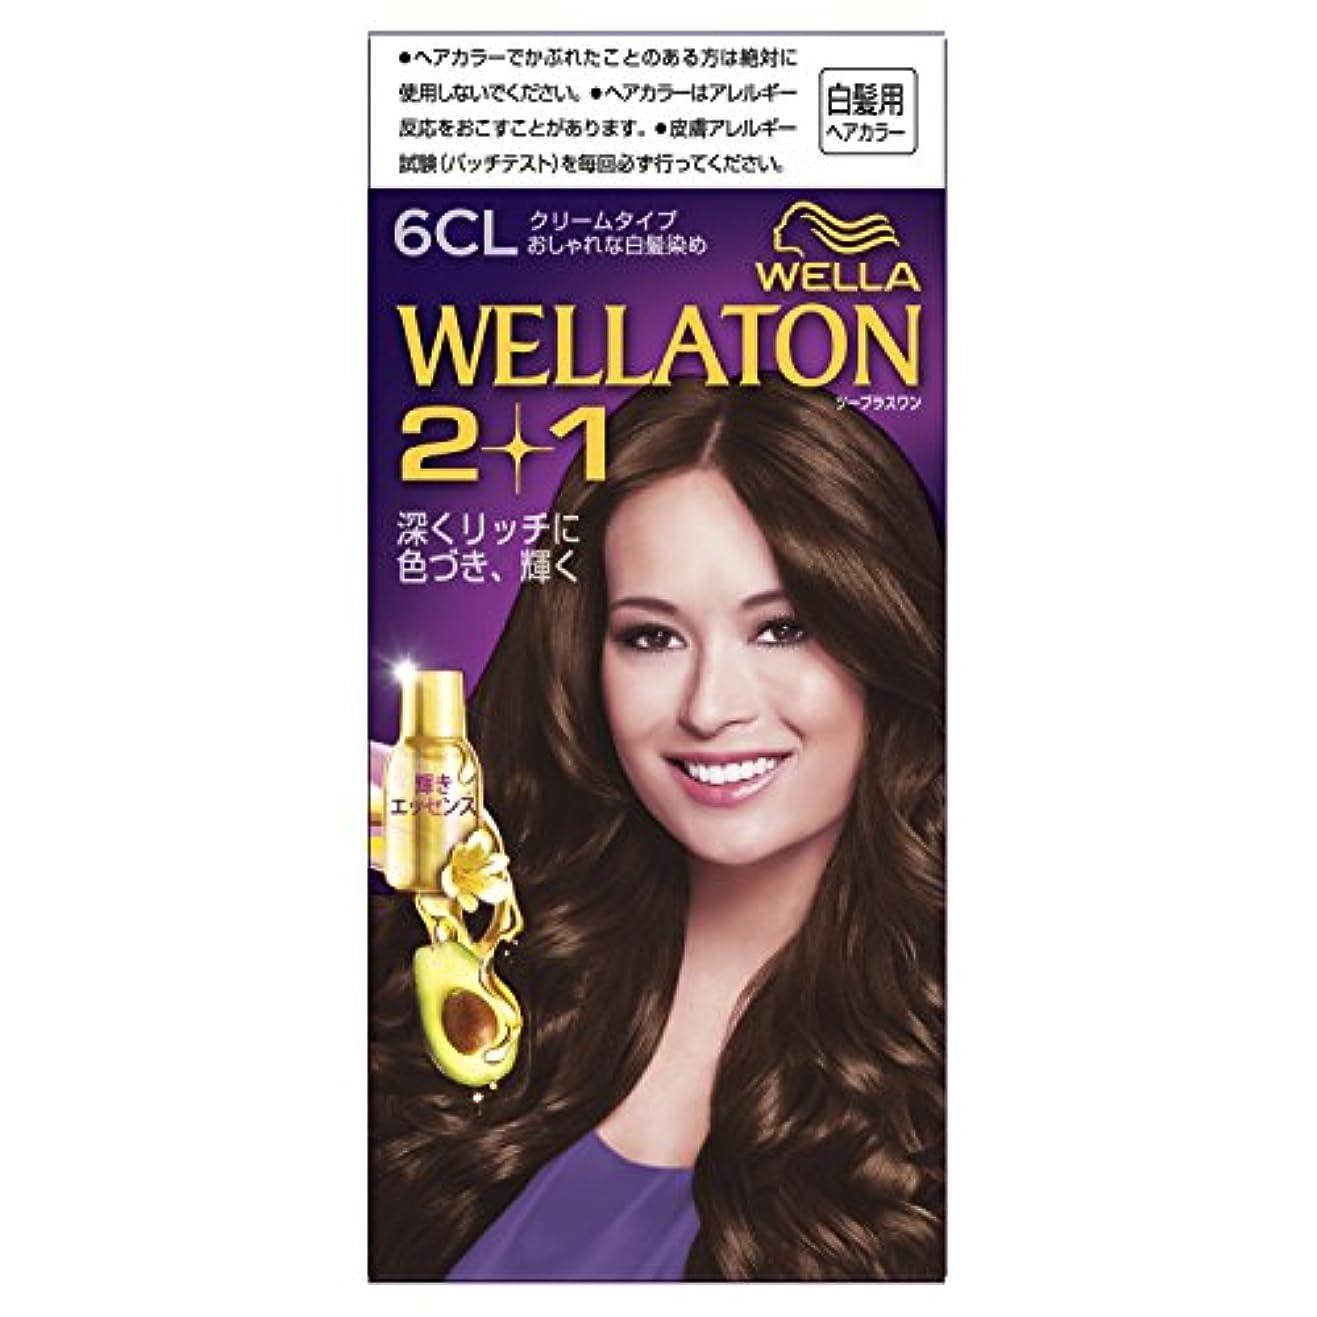 ピークスリラー何でもウエラトーン2+1 クリームタイプ 6CL [医薬部外品](おしゃれな白髪染め)